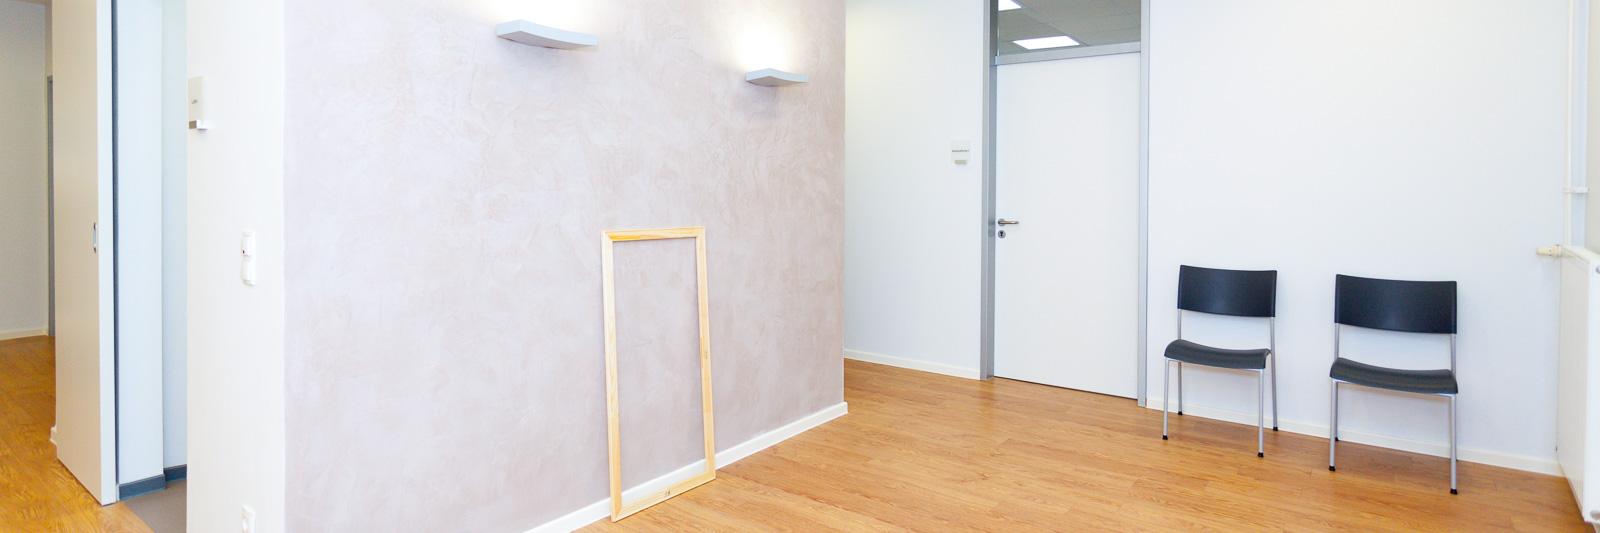 Bild-Raum-Konzept in Arztpraxis mit Musterrahmen.